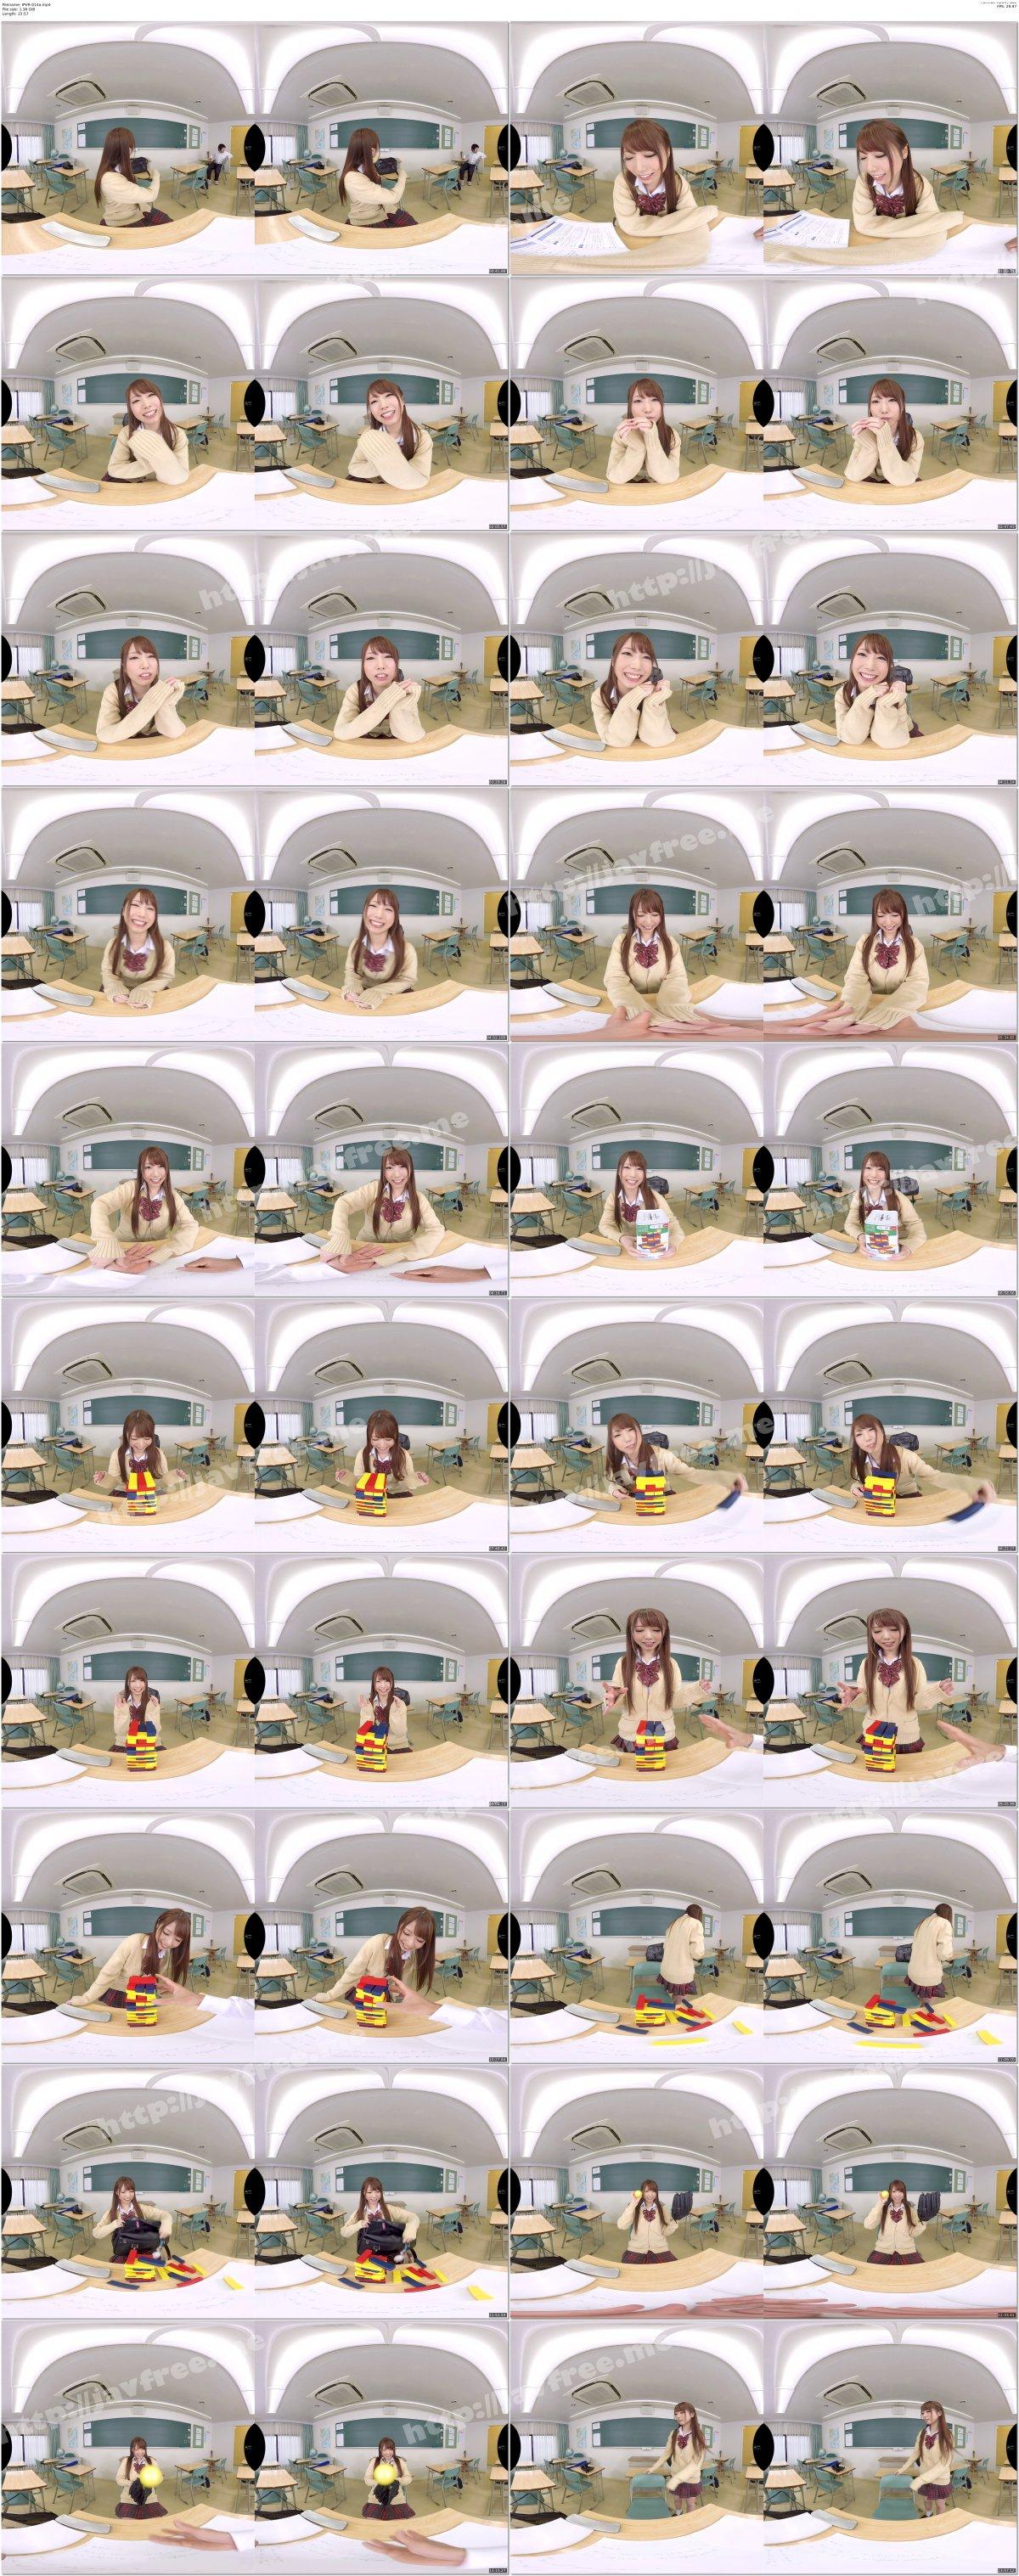 [IPVR-014] 【VR】浮気疑惑で激オコぷんぷんからの別れ話!だけど、やっぱりあなたのことが大好き…だから、仲直りの感情爆発キスしまくり一心不乱没入SEX 西宮ゆめ - image IPVR-014a on https://javfree.me